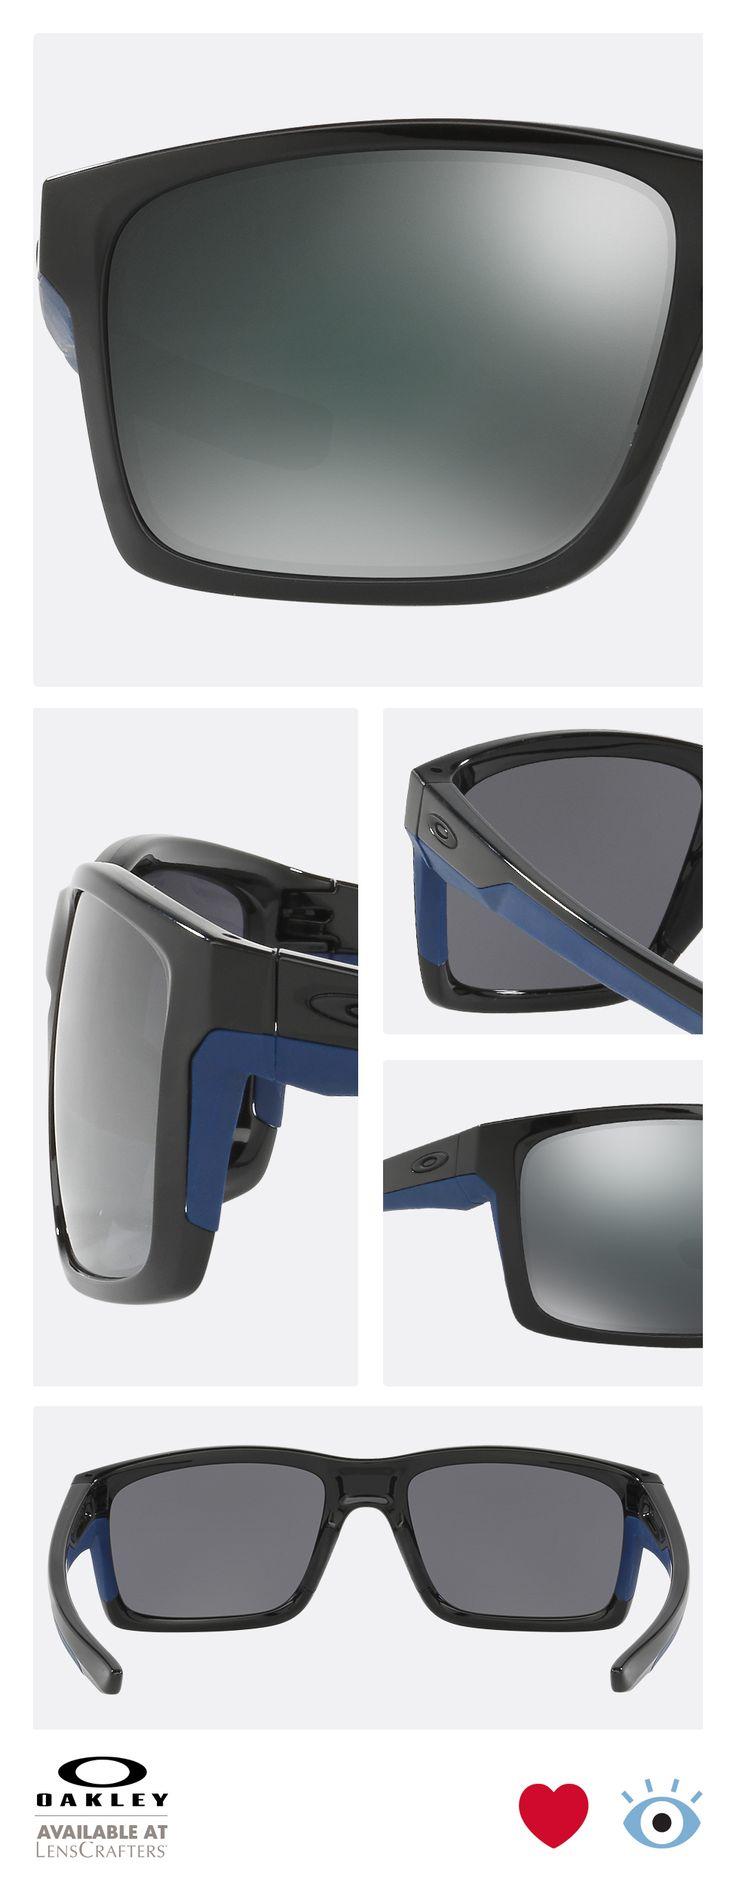 47 best Glasses images on Pinterest | Eyeglasses, Glasses and Sunglasses